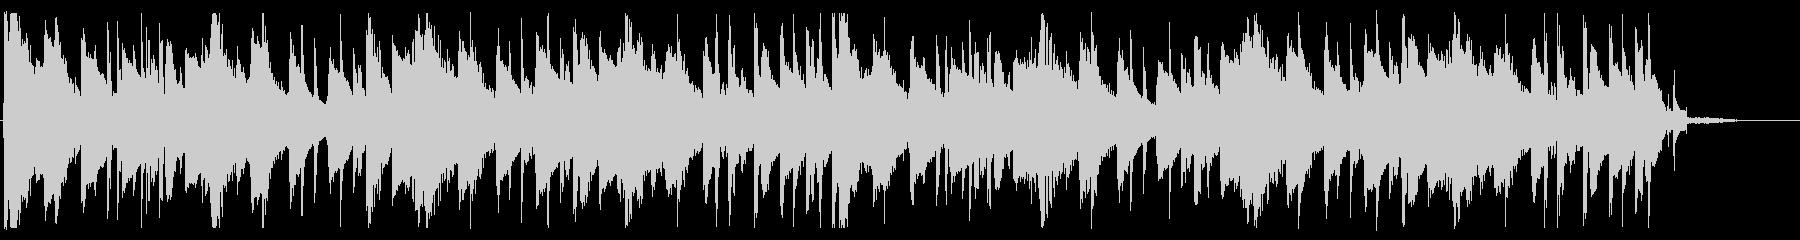 落ち着いたピコピコとしたBGM_4の未再生の波形